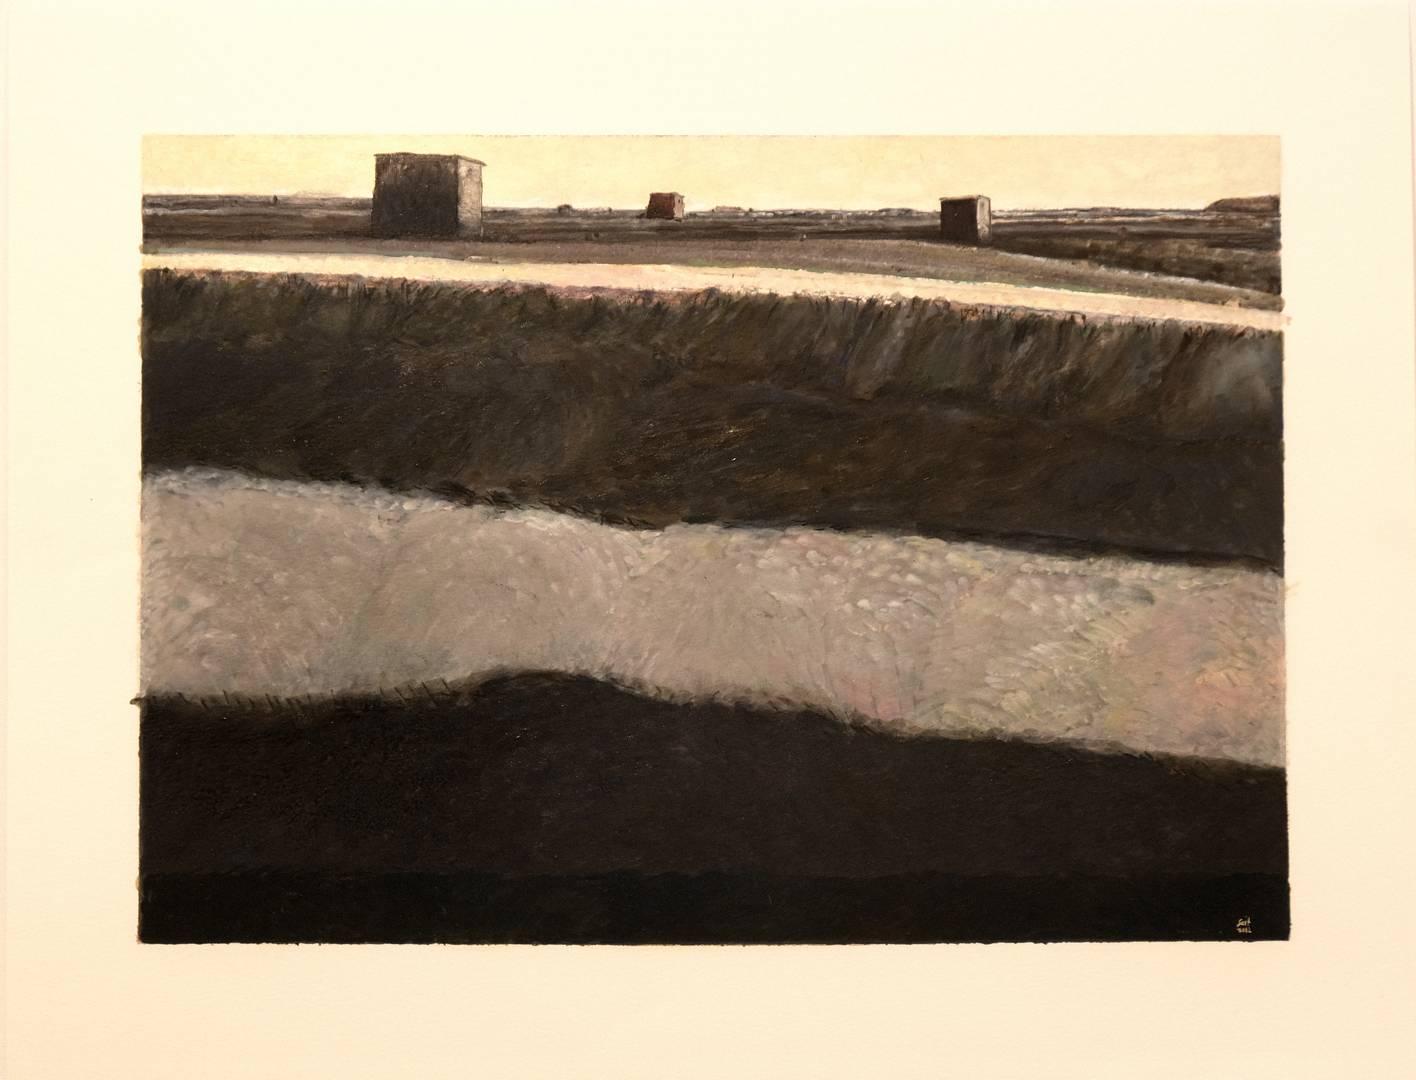 Sait Toprak, Landscape, 37x51cm ,Kağıt üzerine karışık teknik, 2012 (2)